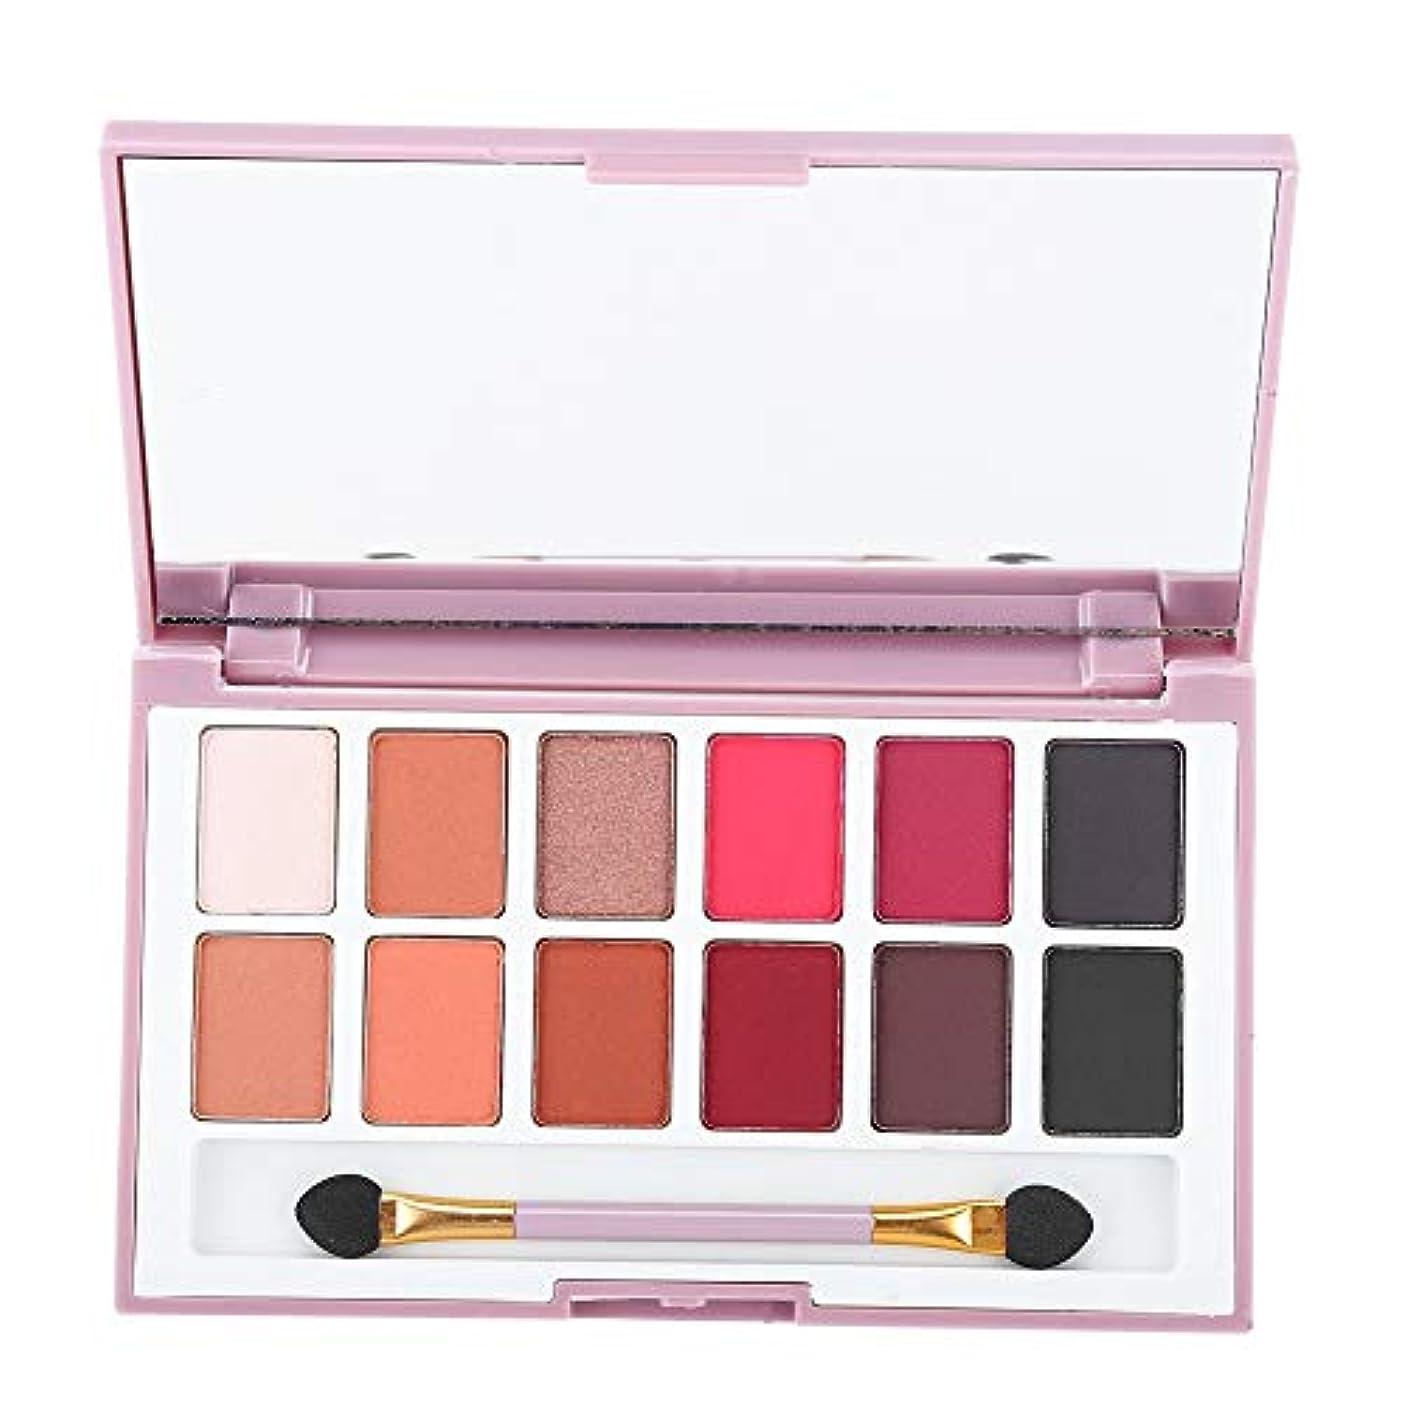 エスカレーター一般的な全員アイシャドウパレット 12色 化粧マット 化粧品ツール アイシャドウパウダー グロス (01)